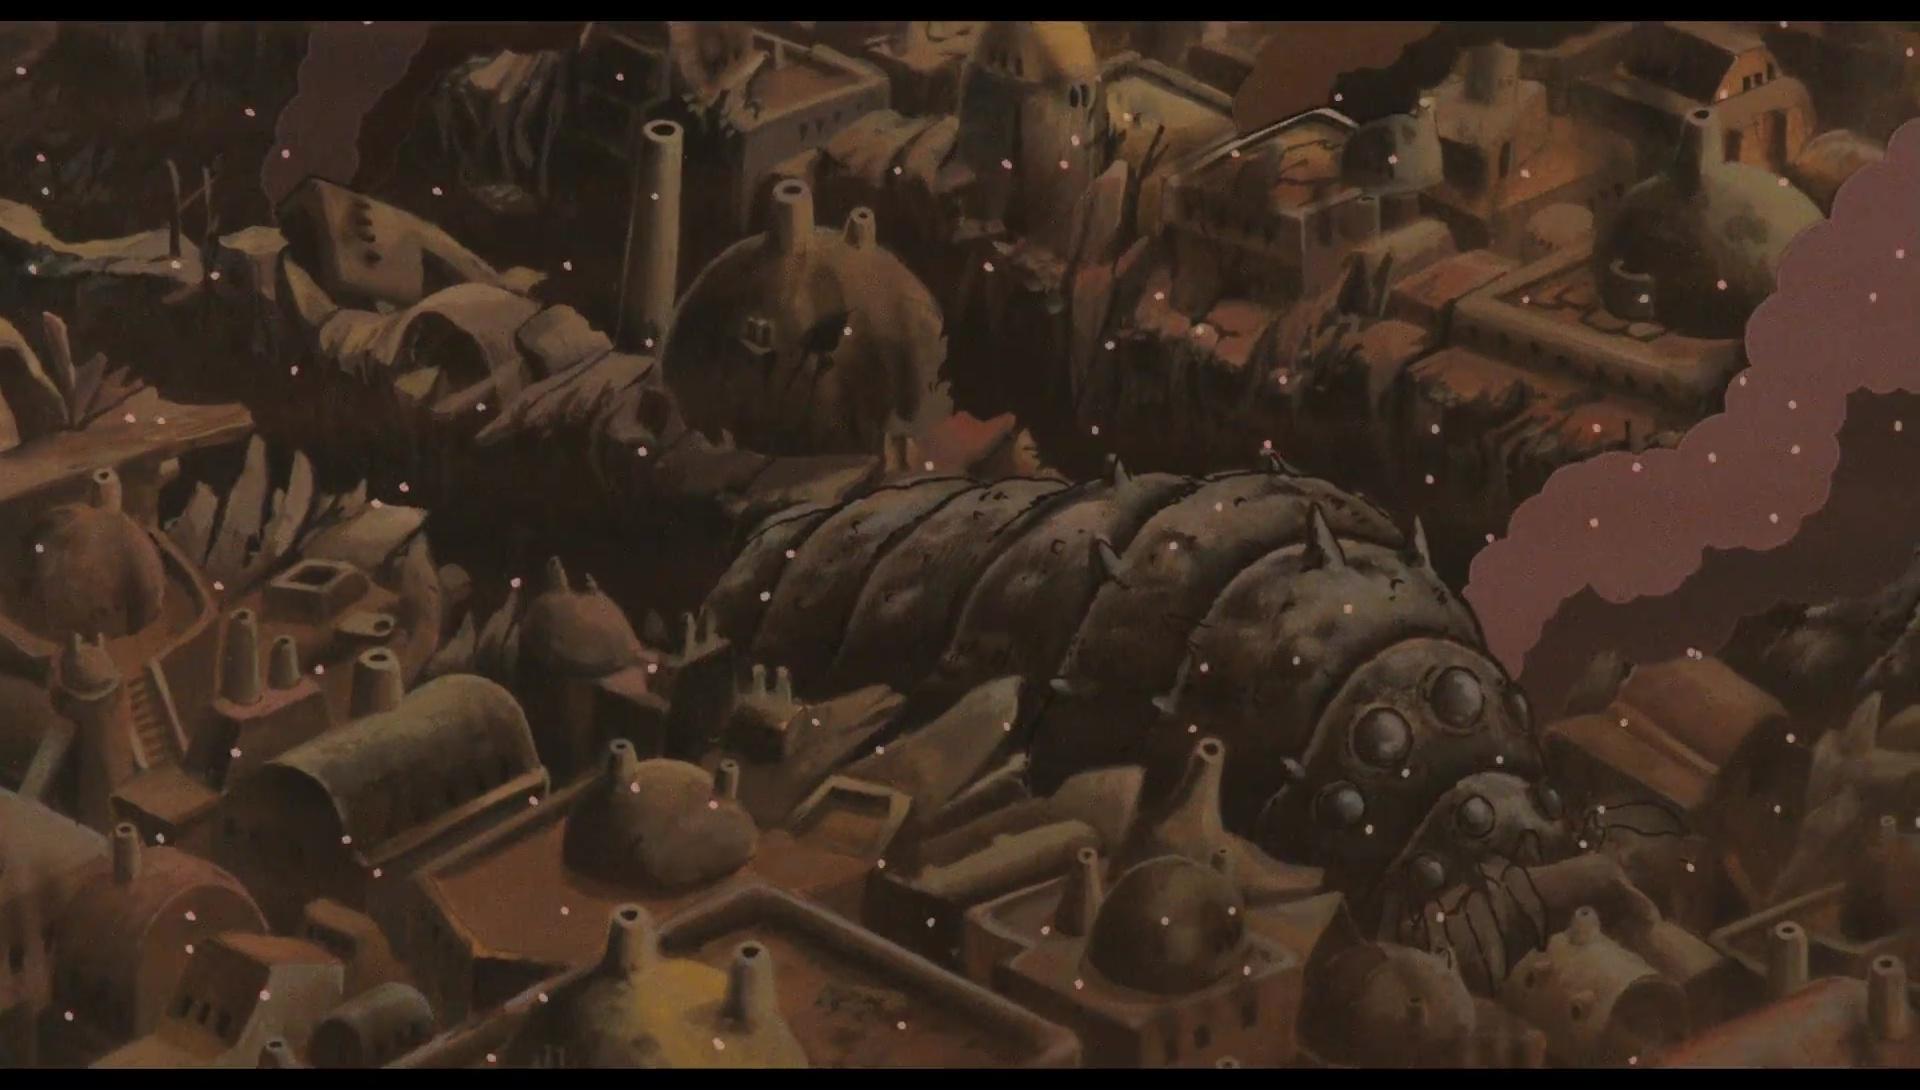 Nausicaa Guerreros Del Viento 1080p Lat-Cast-Ing 5.1 (1984)